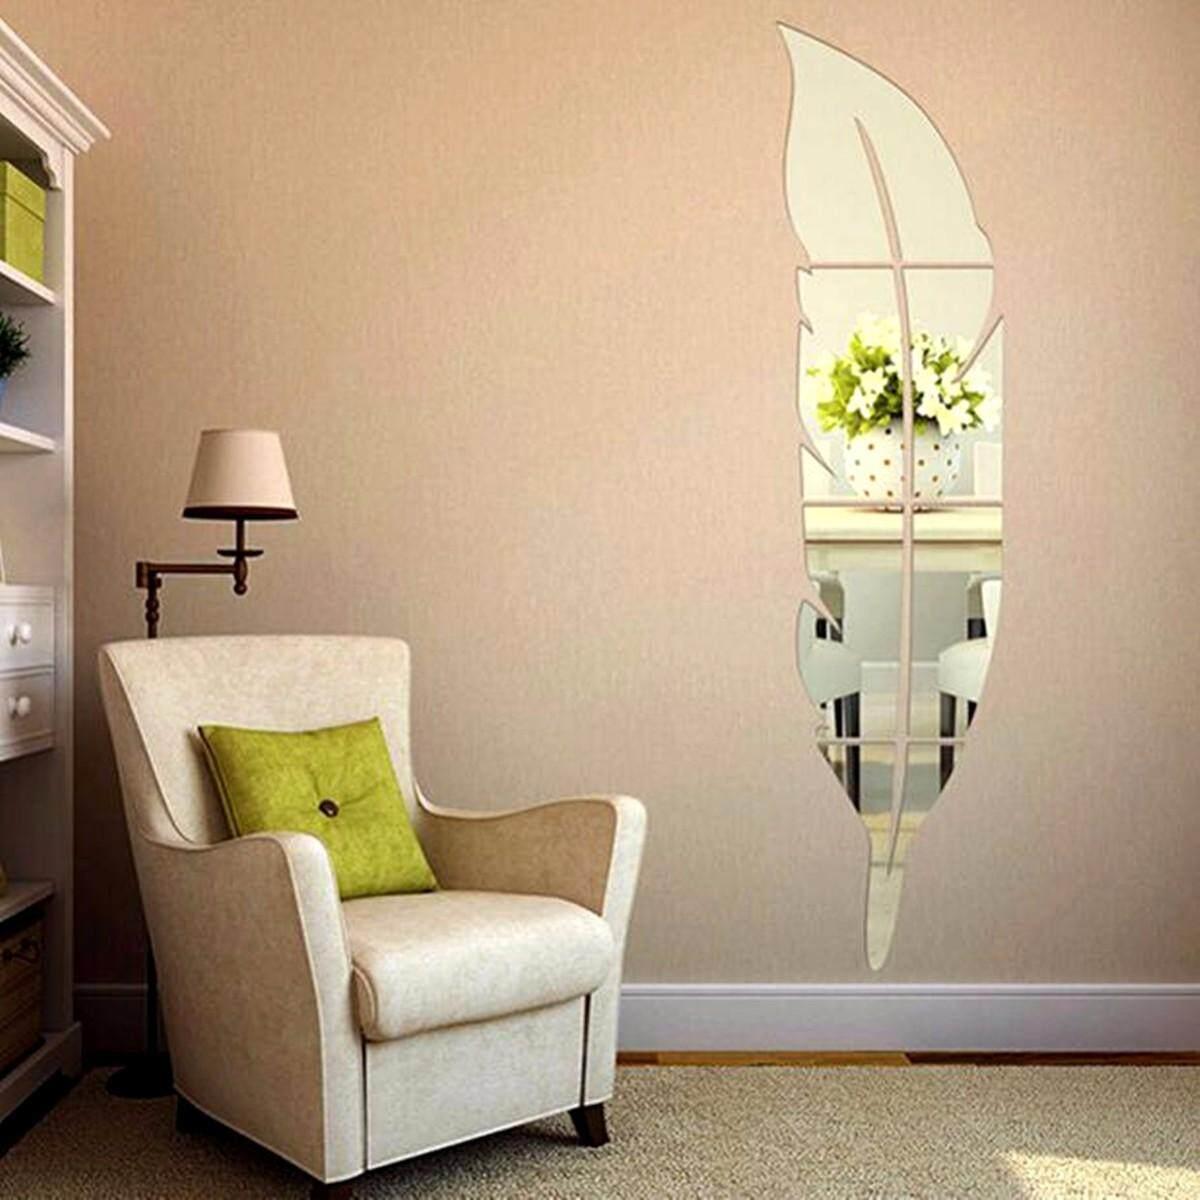 Yang Dapat Dilepas 3D Rumah Cermin Stiker Dinding Stiker Vinil Seni DIY Dekorasi .